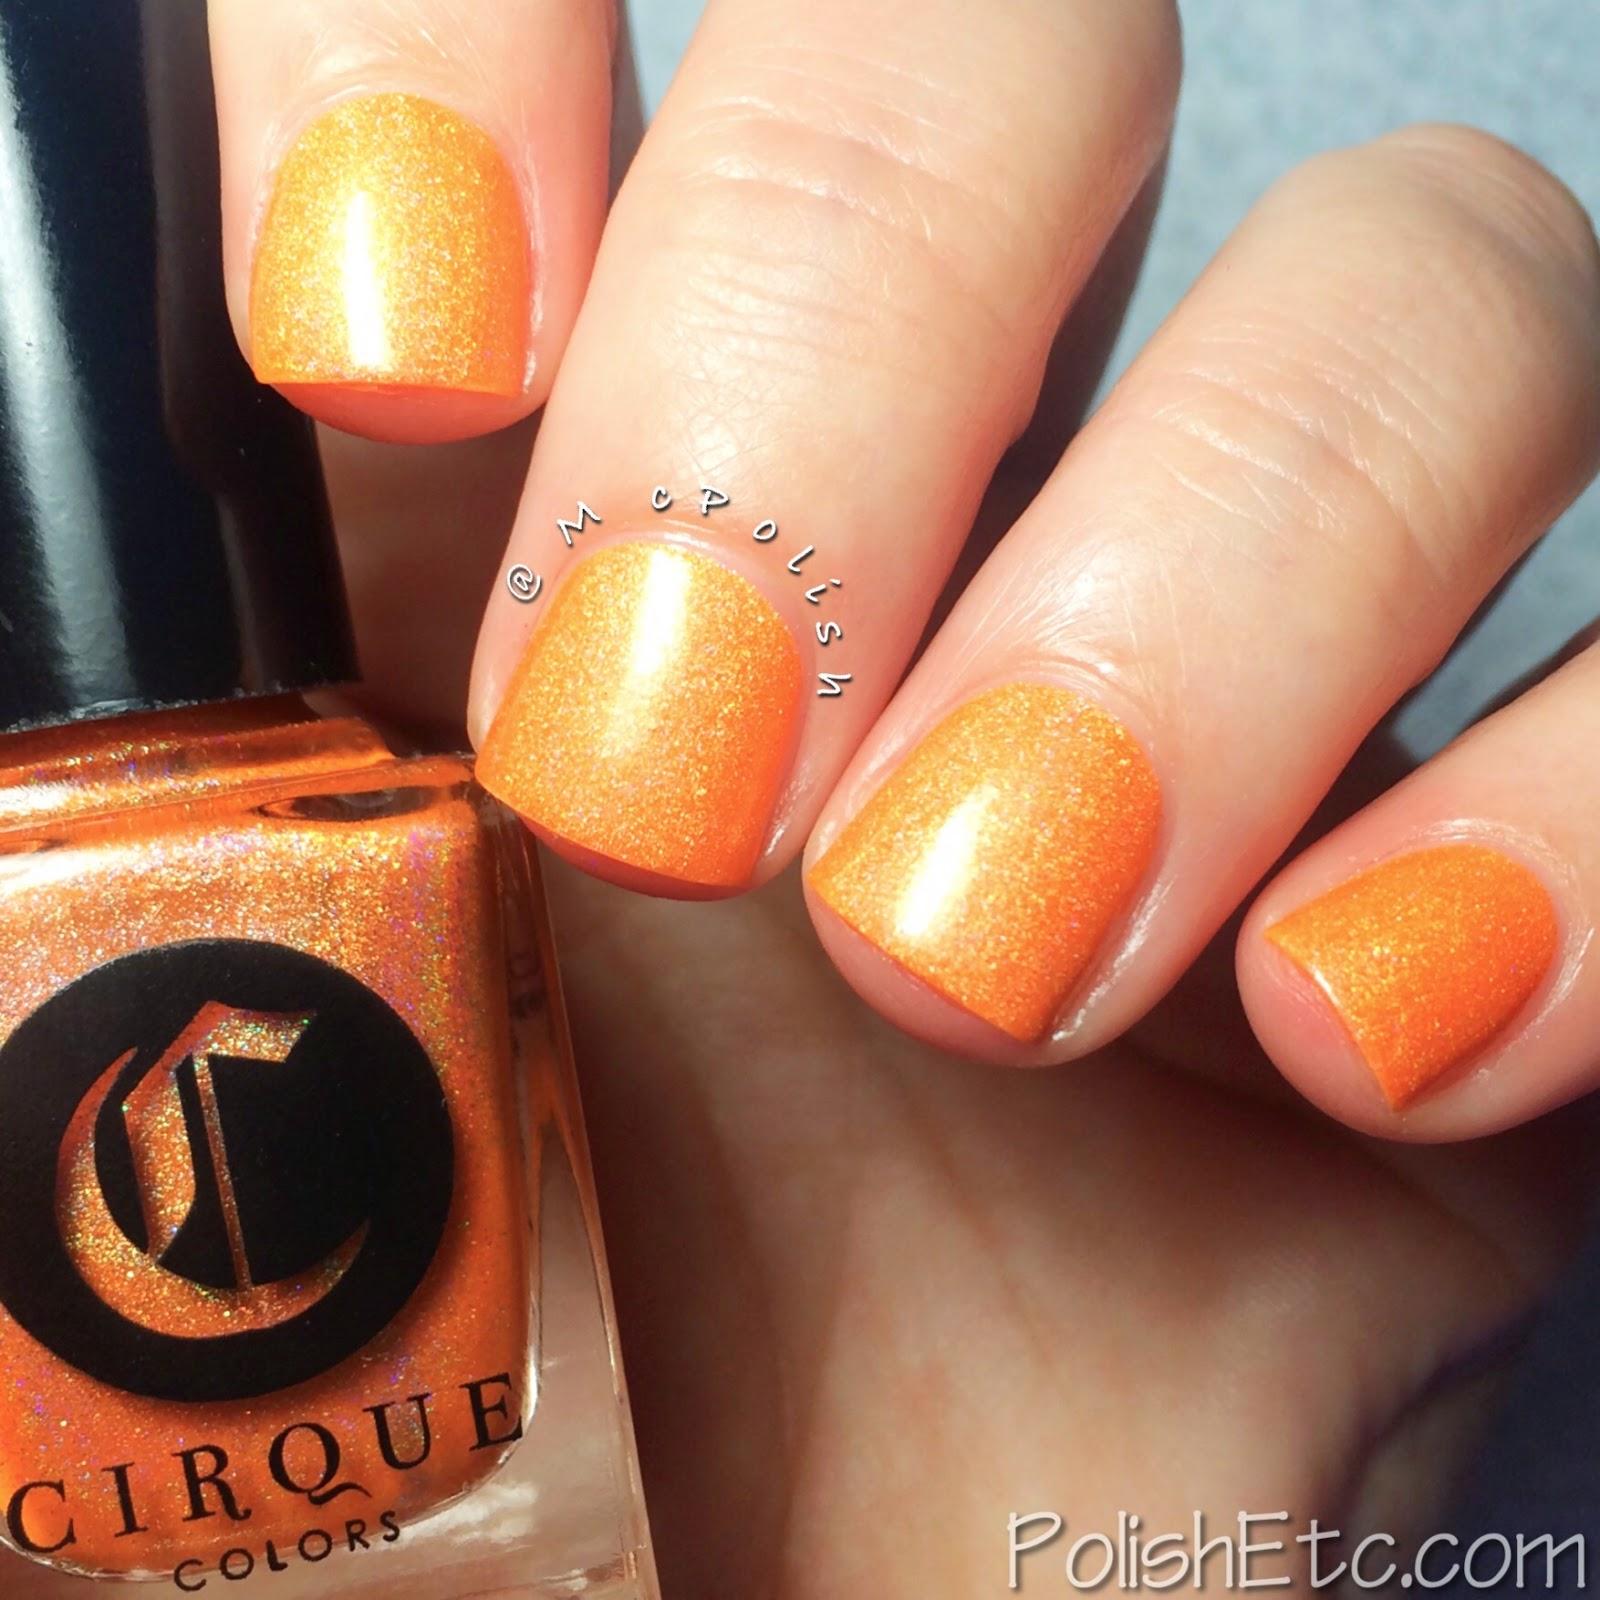 Cirque Colors - Magic Hour Collection Holos - McPolish - Sun Dog